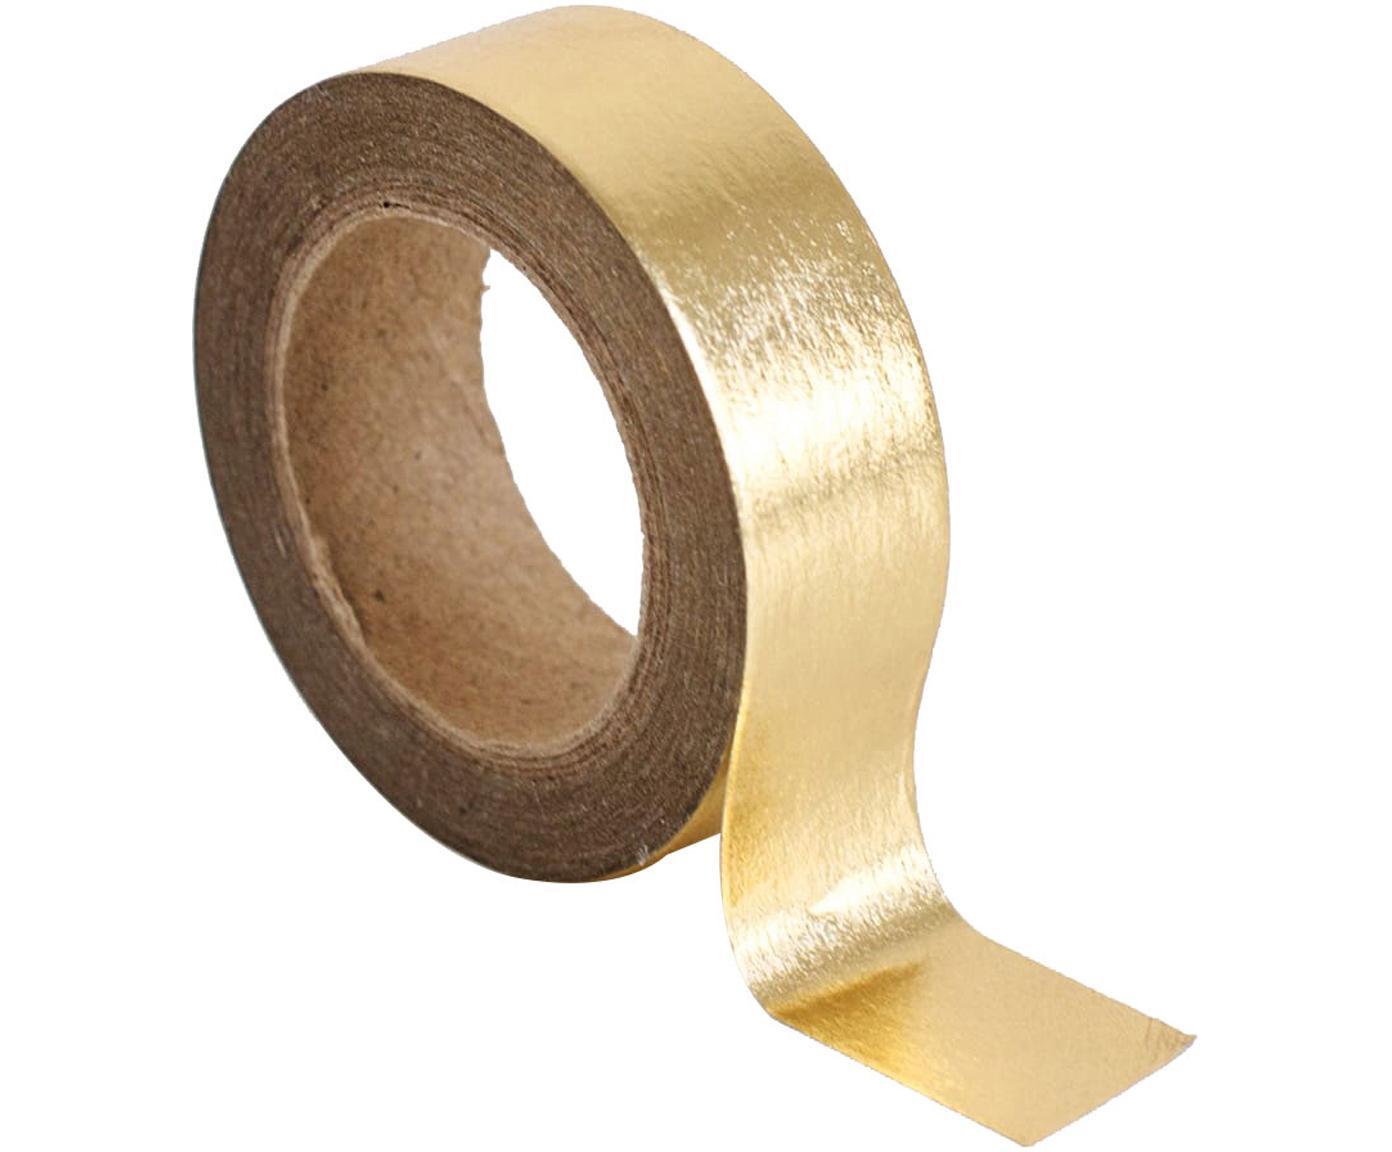 Taśma klejąca Gold, 3 szt., Tworzywo sztuczne, Odcienie złotego, D 1000 cm